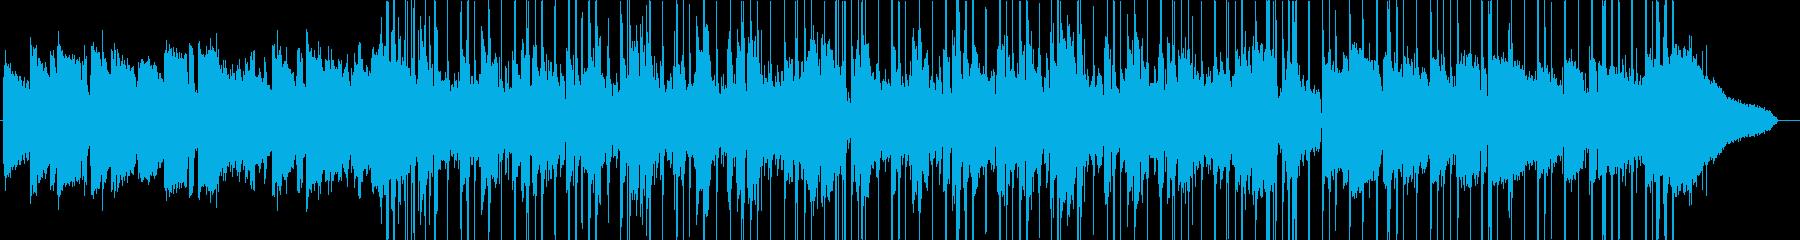 都会的なアシッドジャズ/ヒップホップの再生済みの波形